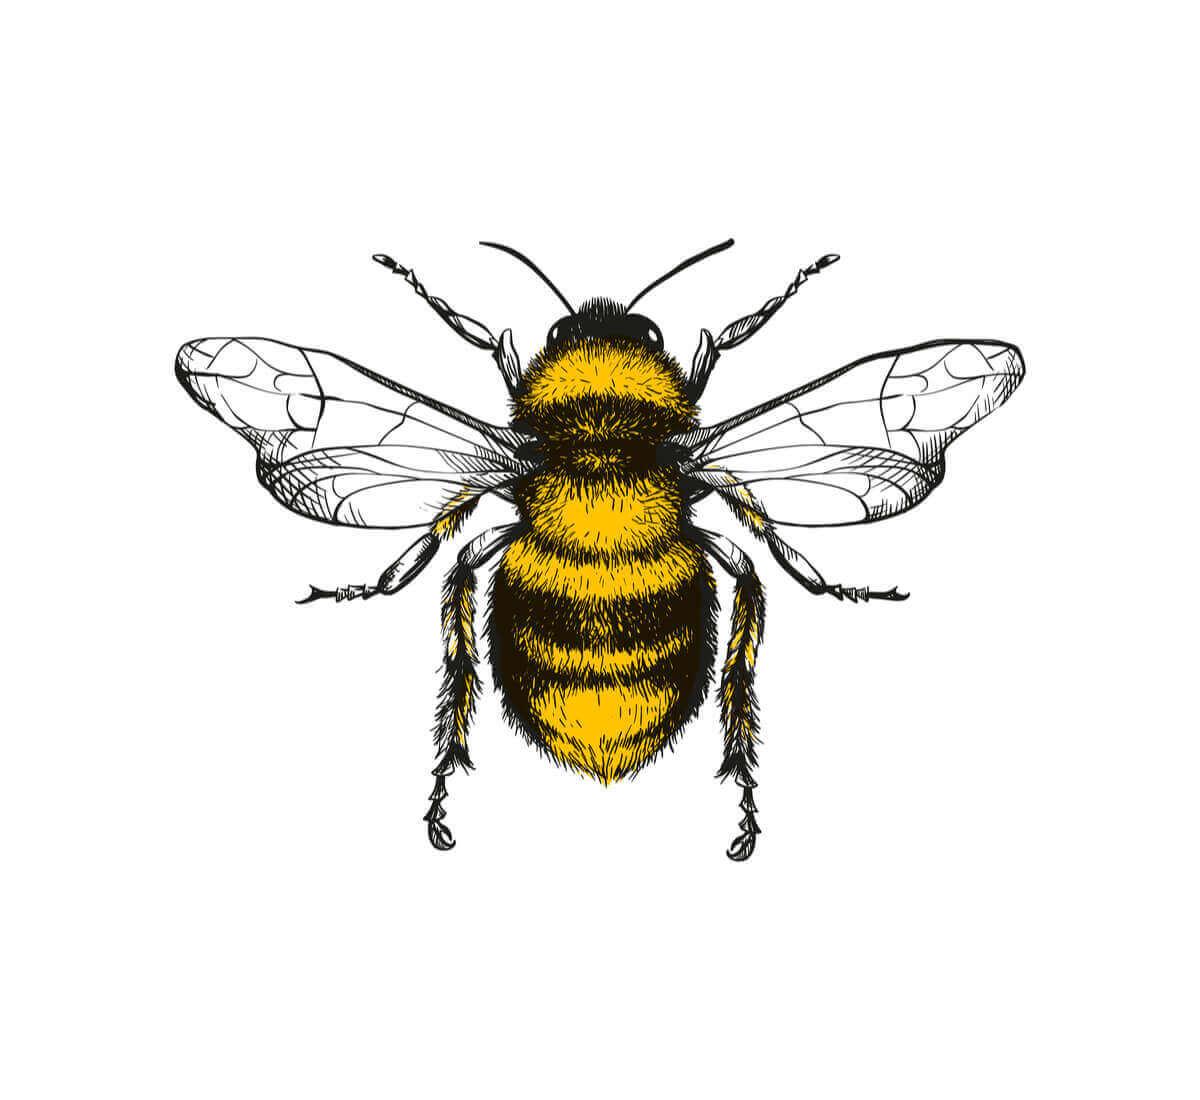 Schwänzeltanz - Zeichnung einer Biene